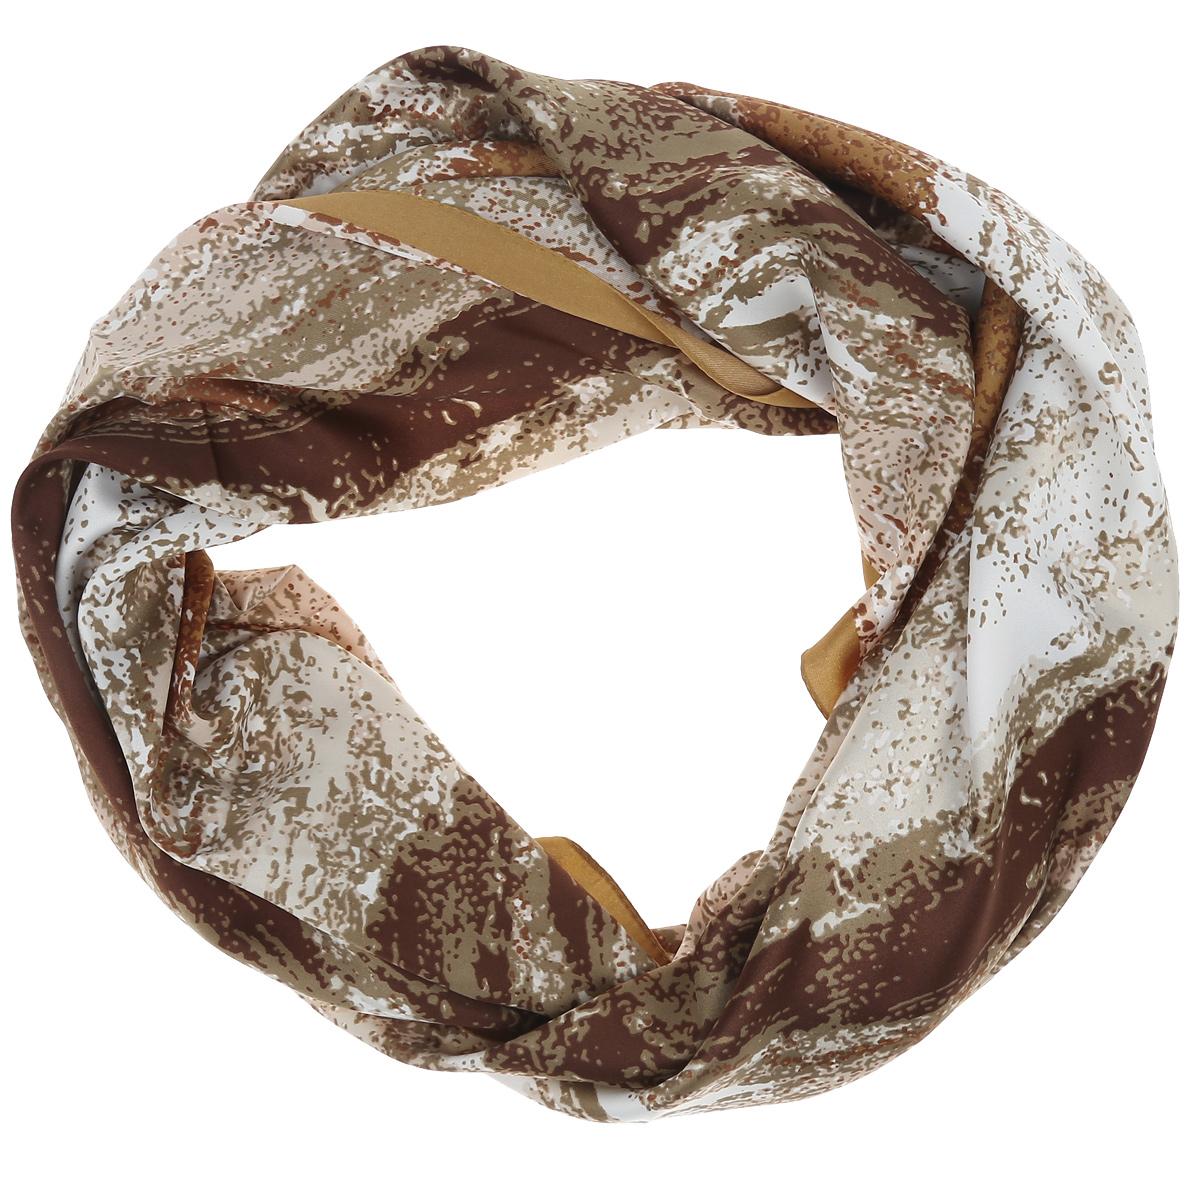 ПлатокCS-QUADRO-4Стильный женский платок Laura Milano станет великолепным завершением любого наряда. Платок изготовлен из высококачественного материала. Он оформлен оригинальным принтом в виде цветных пятен. Классическая квадратная форма позволяет носить платок на шее, украшать им прическу или декорировать сумочку. Мягкий и шелковистый платок поможет вам создать изысканный женственный образ, а также согреет в непогоду. Такой платок превосходно дополнит любой наряд и подчеркнет ваш неповторимый вкус и элегантность.